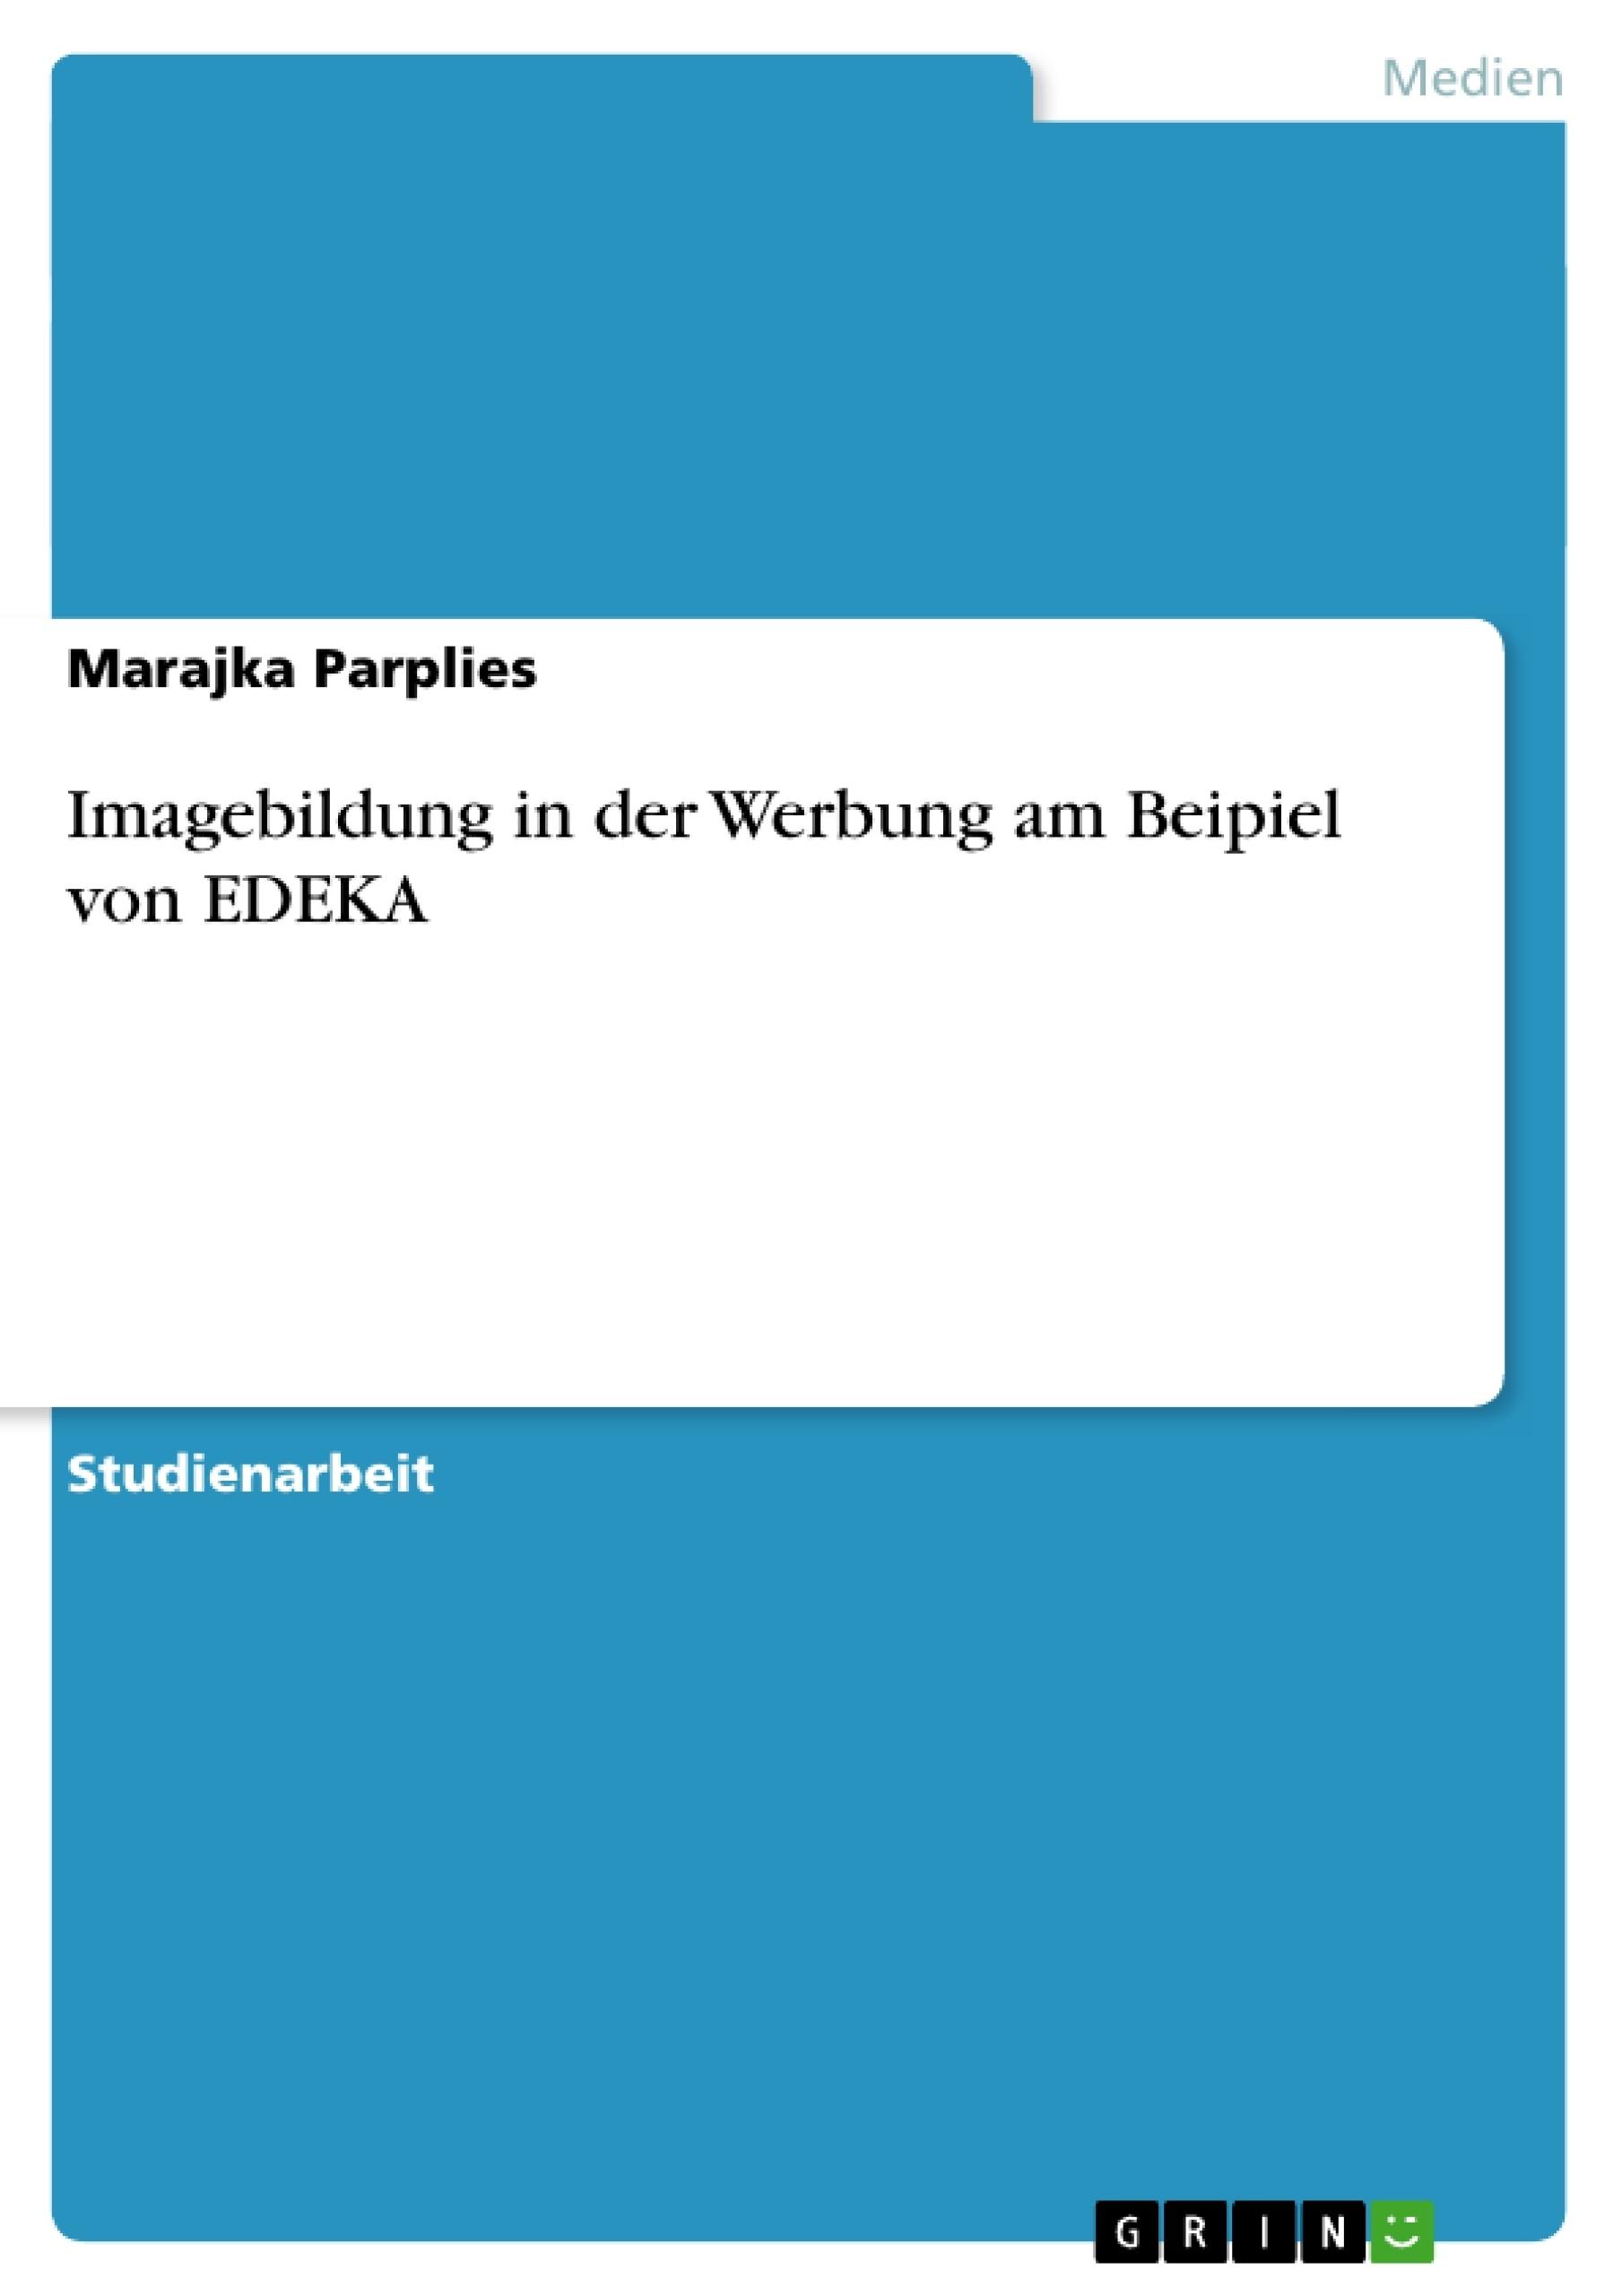 Titel: Imagebildung in der Werbung am Beipiel von EDEKA